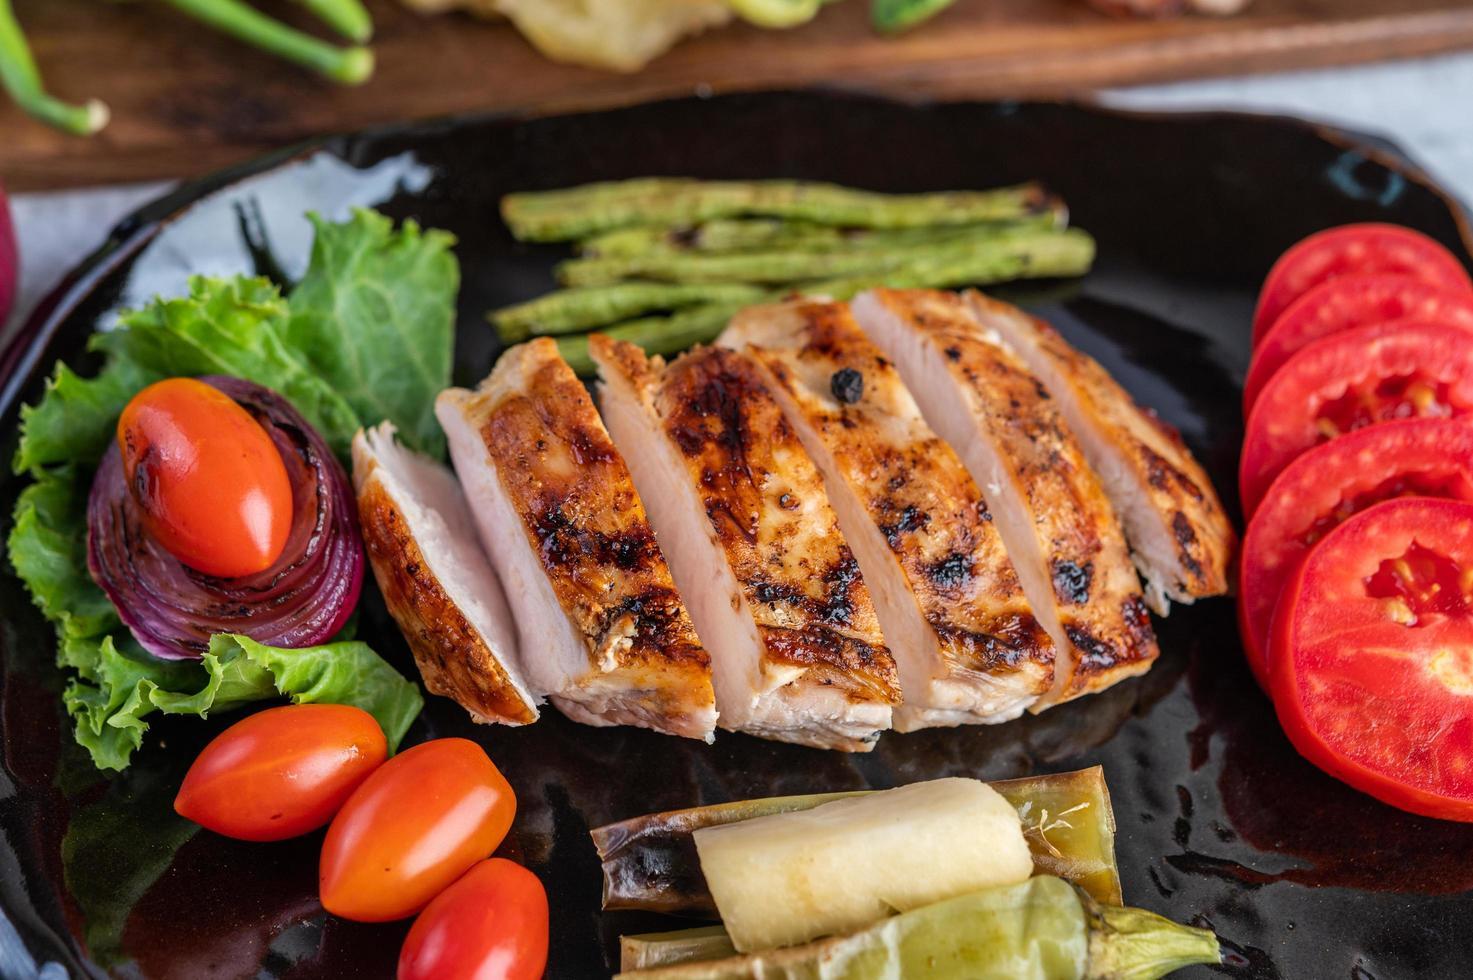 bistecca di pollo con insalata di verdure su un piatto nero foto